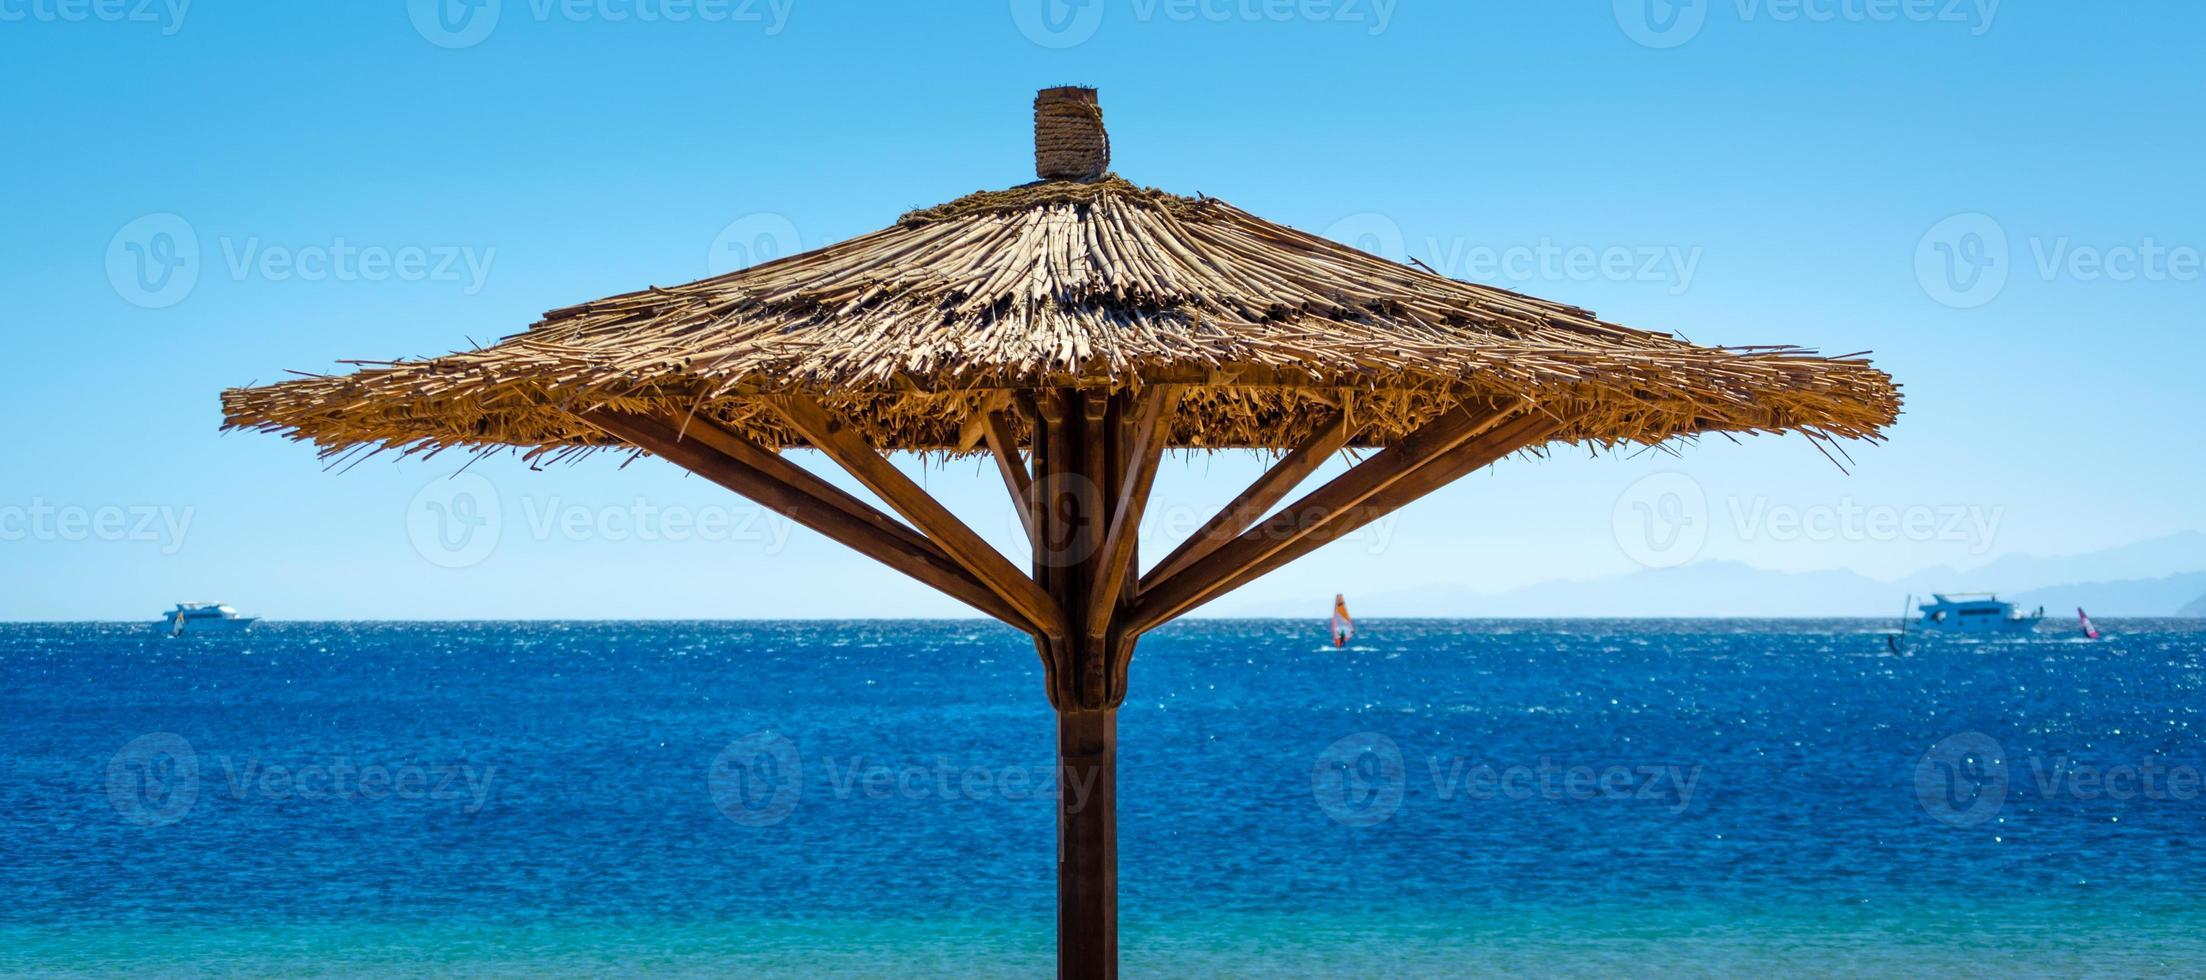 rieten parasol tegen de blauwe zee in Egypte foto